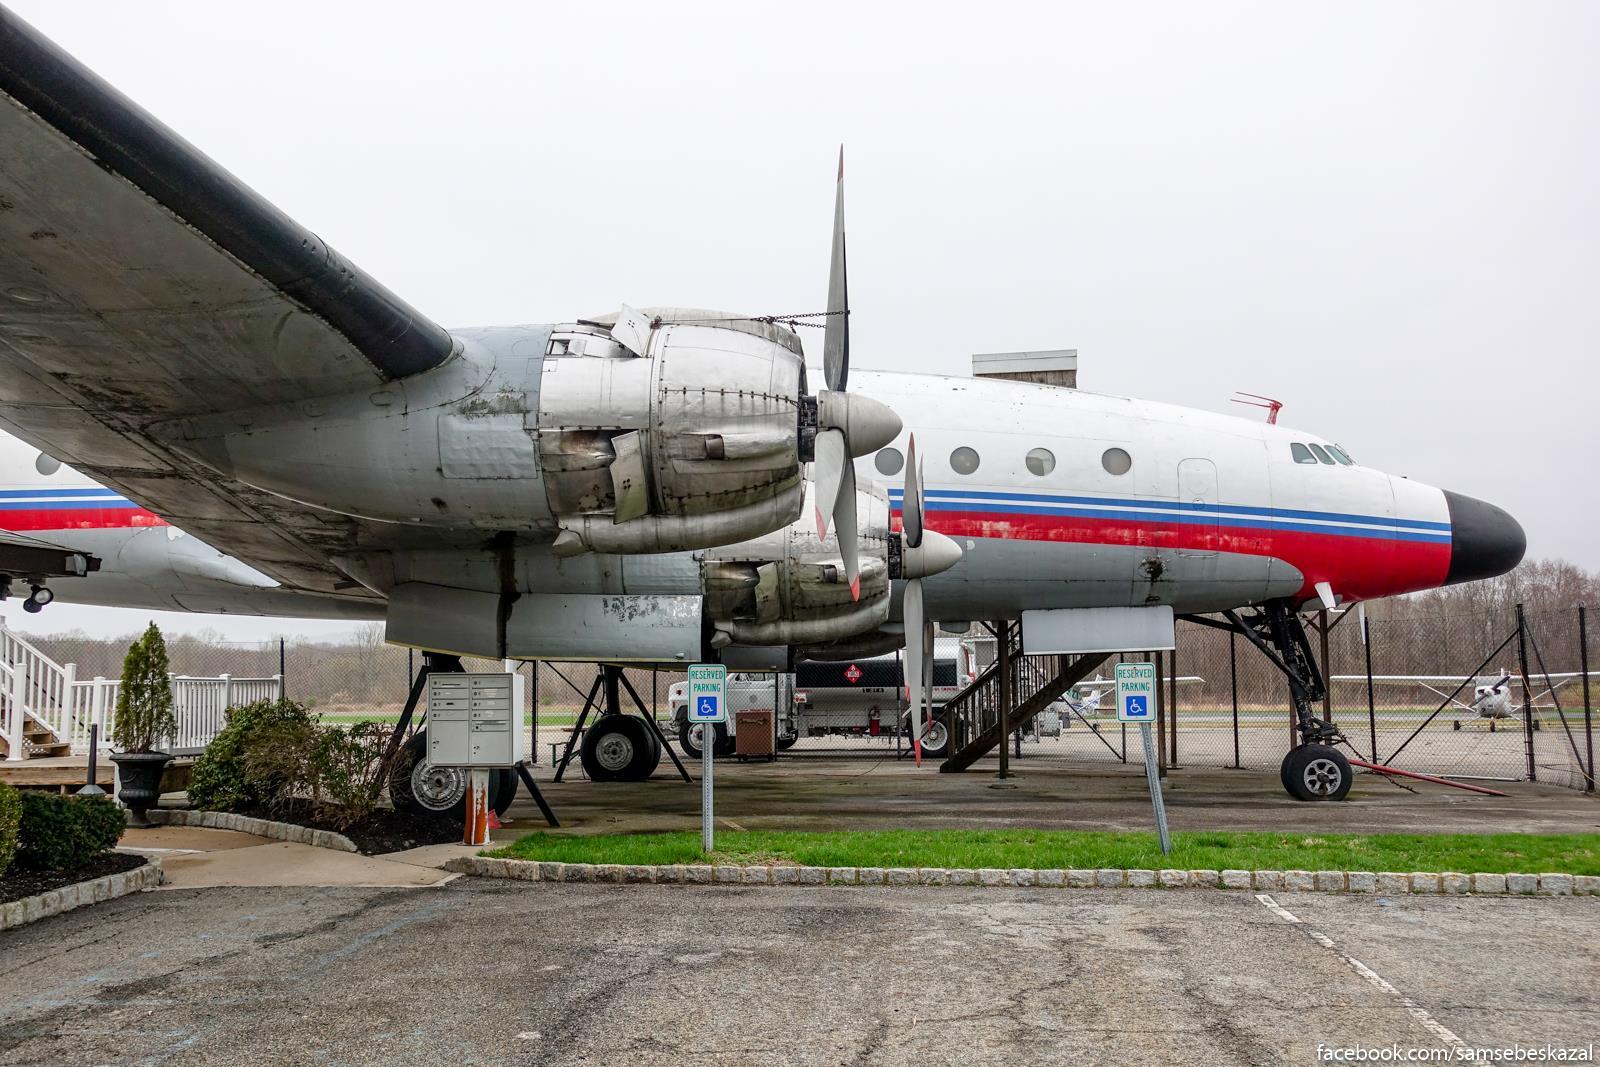 Поездка по окрестностям: аэропорт, старичок Lockheed Constellation и заброшенный сафари-парк